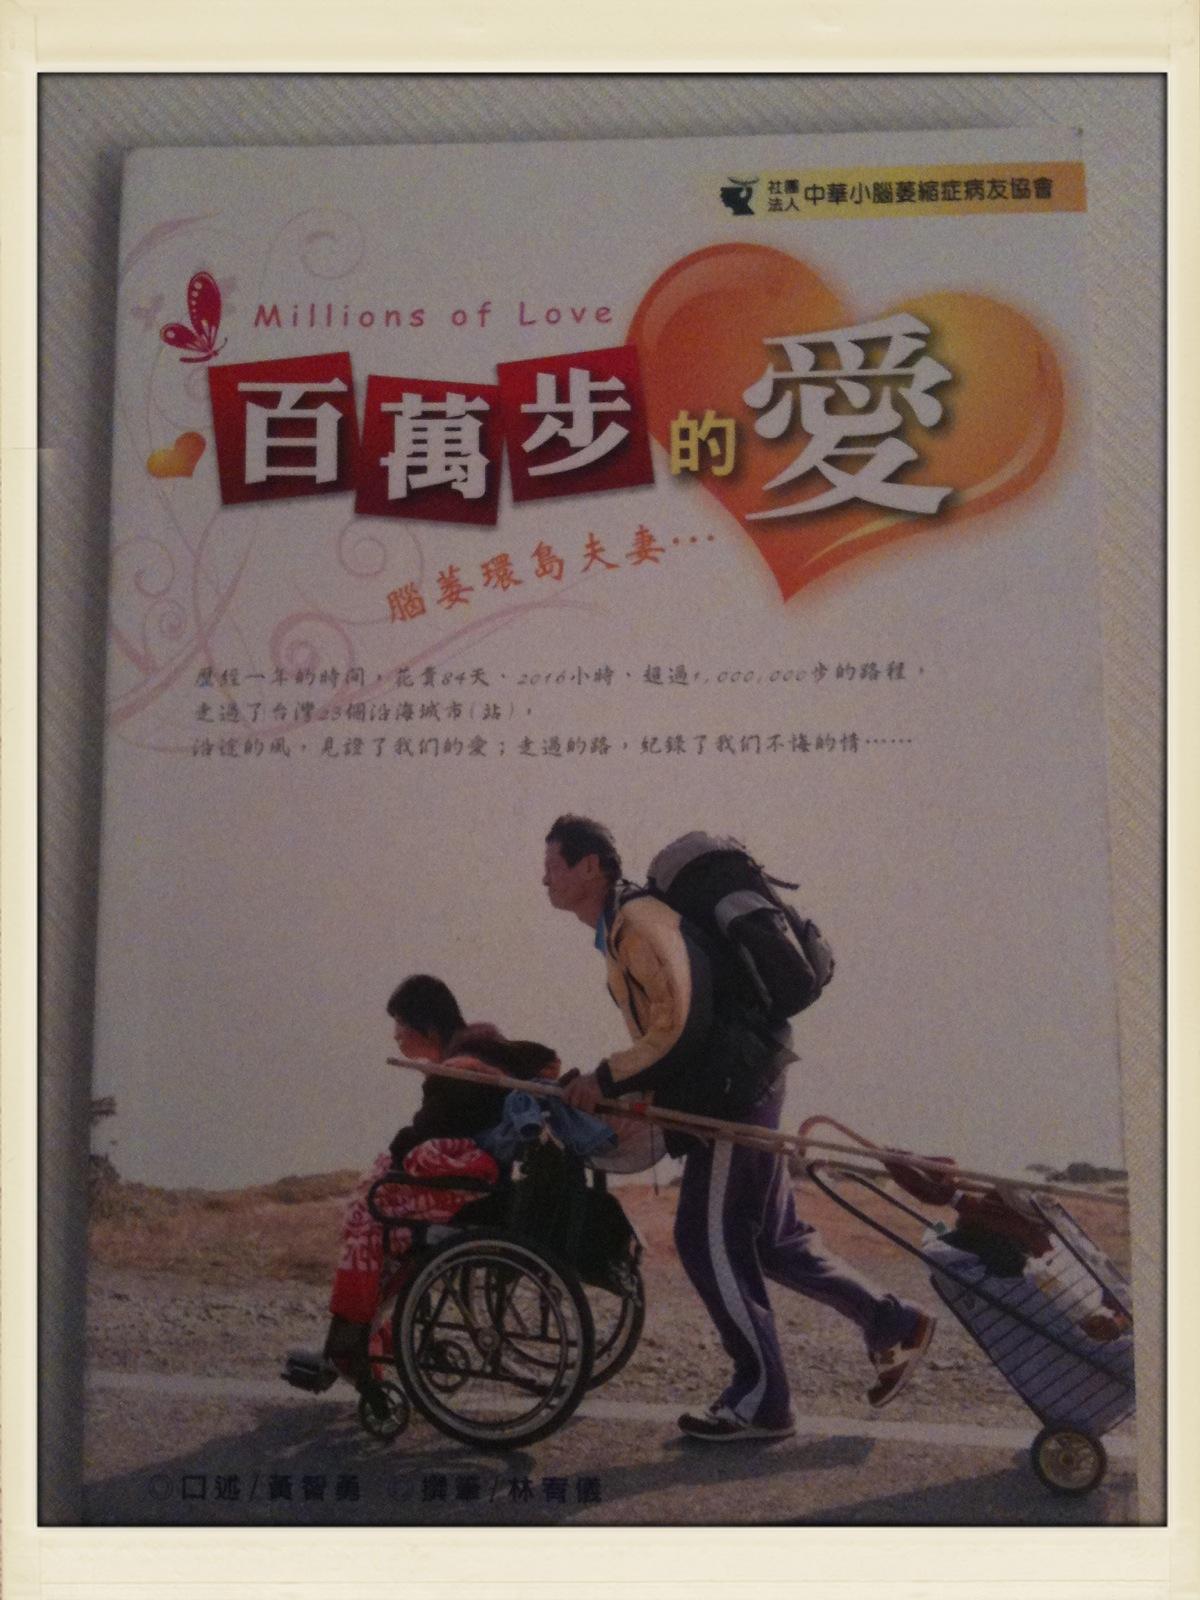 百萬步的愛書本封面